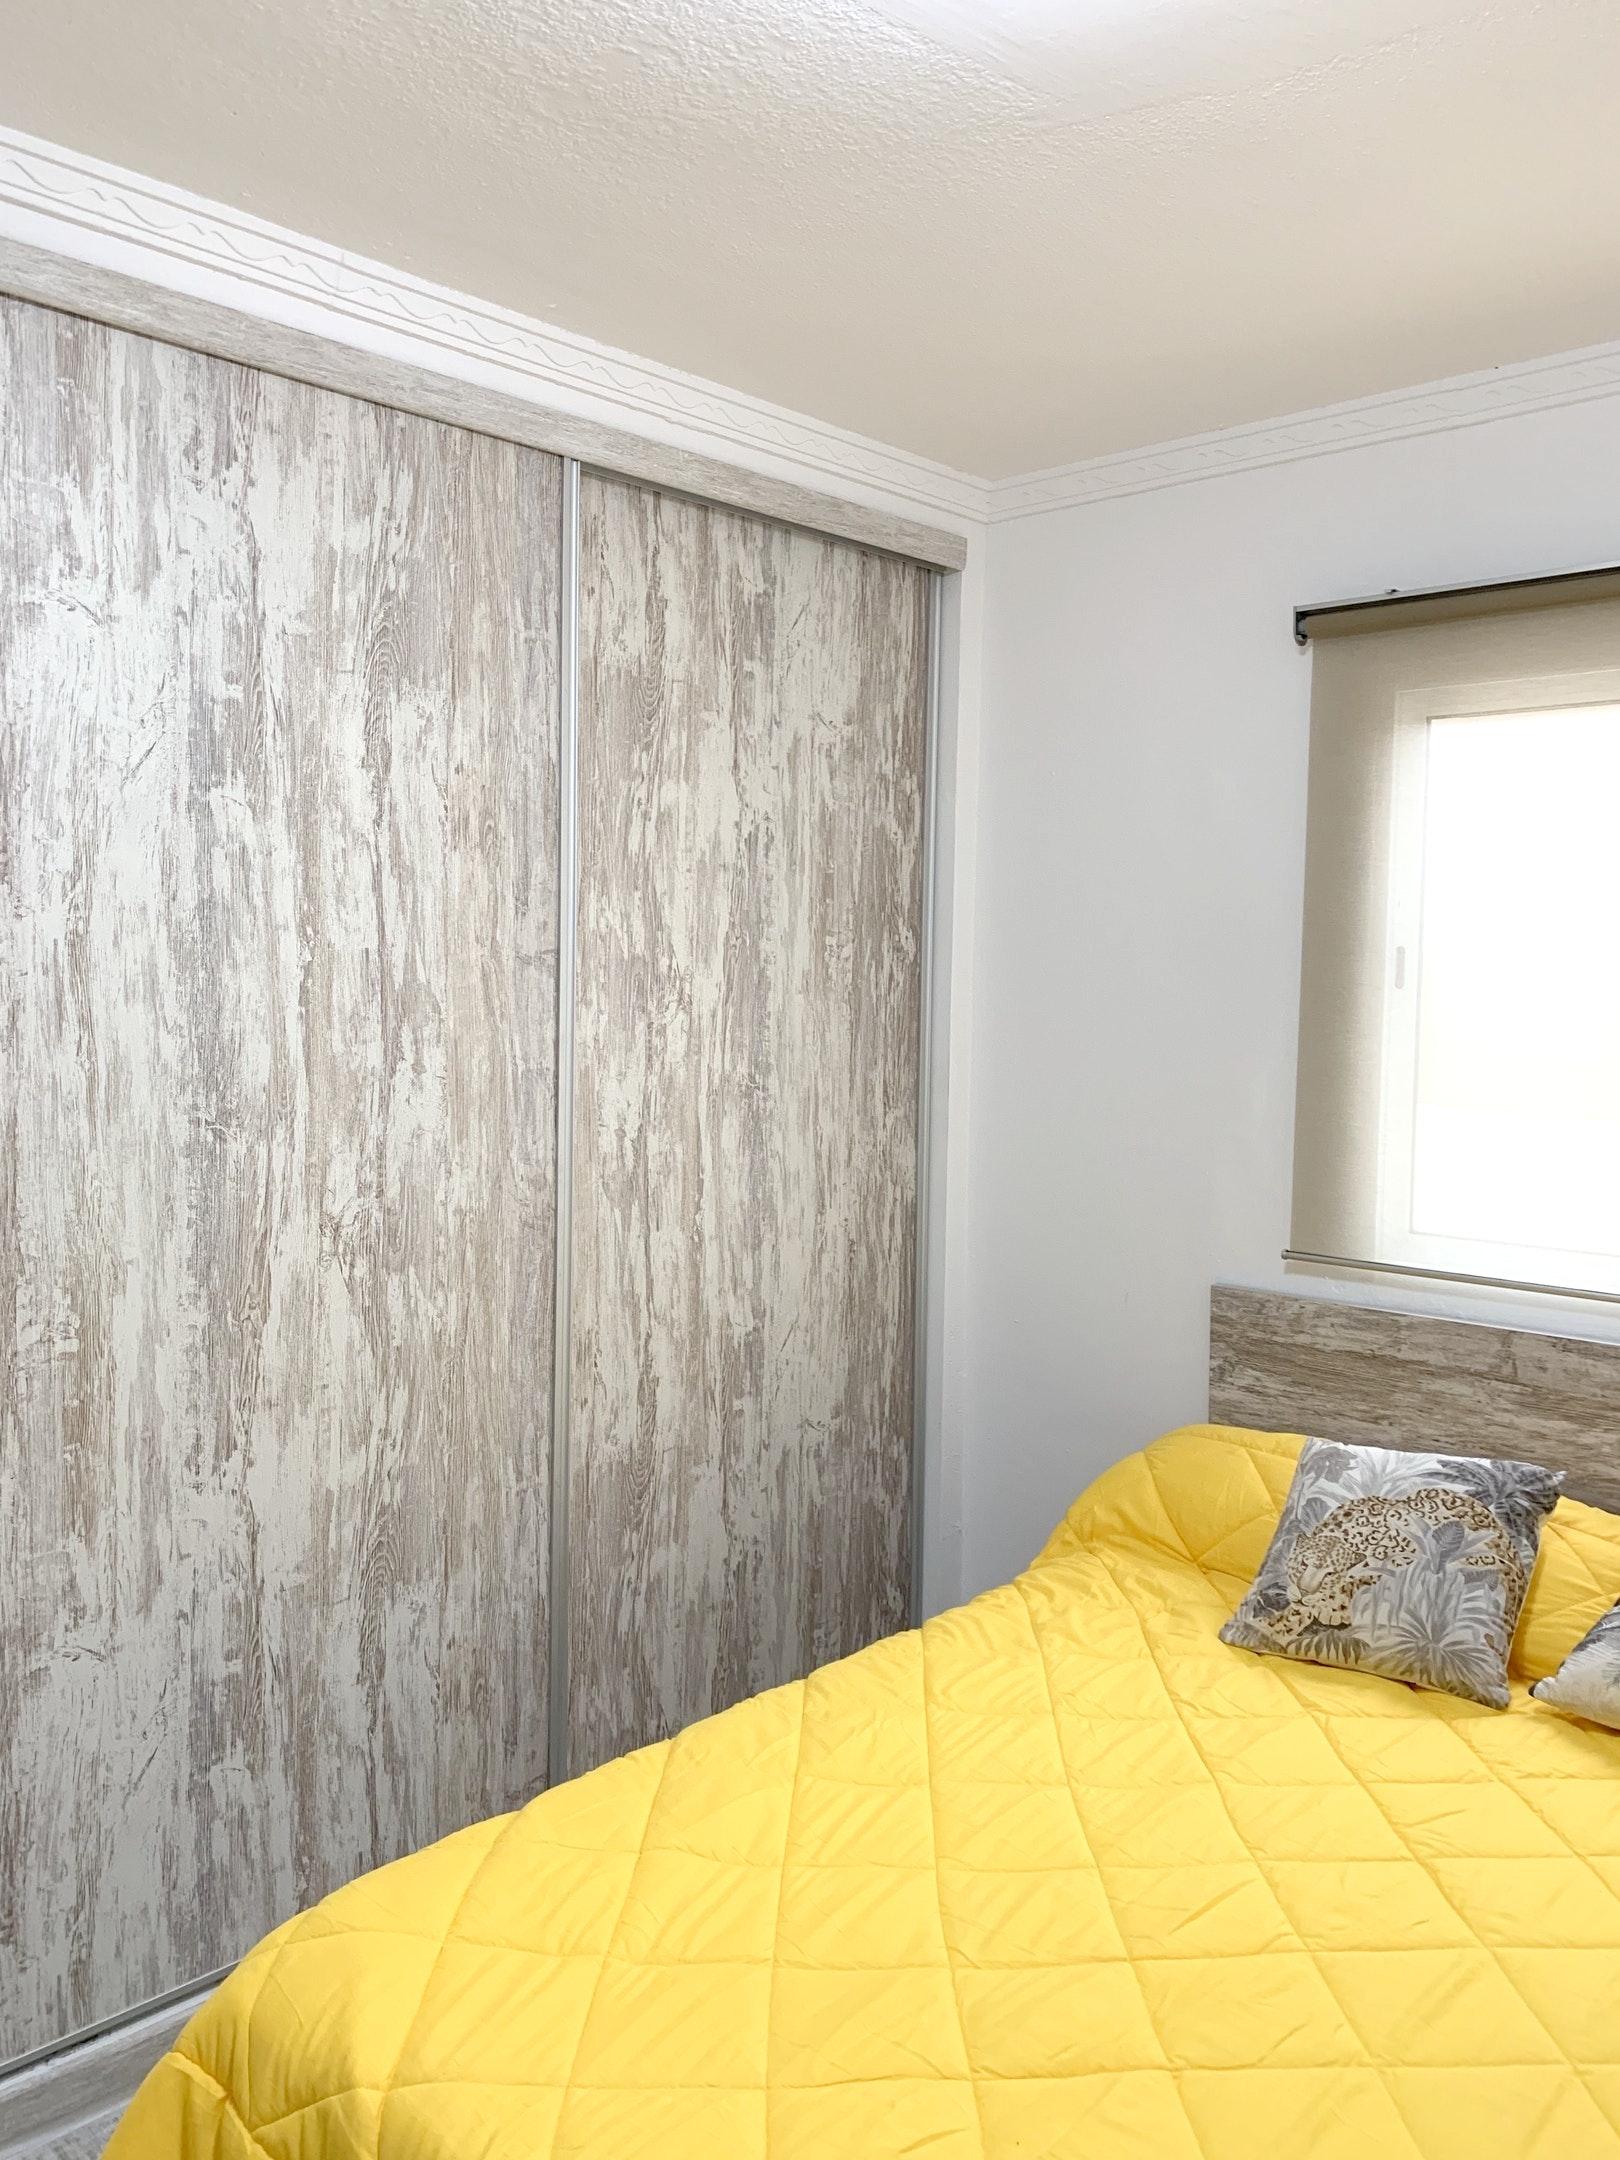 Appartement de vacances Wohnung mit 2 Schlafzimmern in Los Cristianos mit toller Aussicht auf die Berge, eingezäun (2202481), Los Cristianos, Ténérife, Iles Canaries, Espagne, image 8